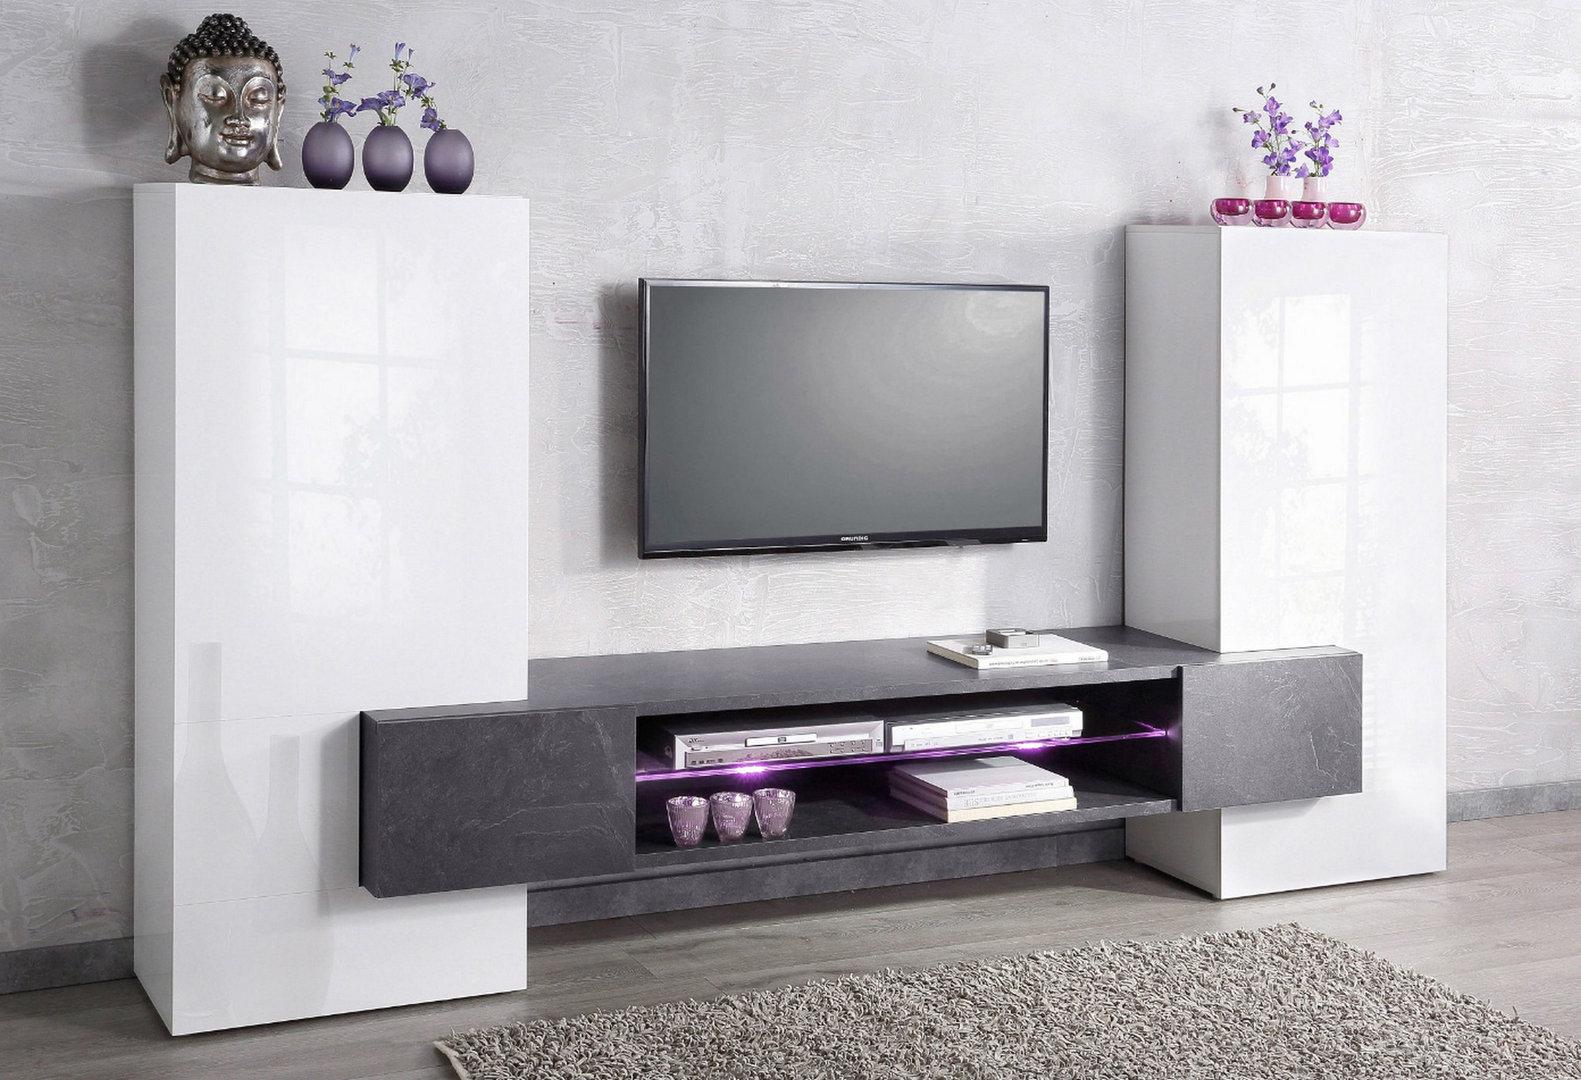 Soggiorno moderno luing jo mobile bianco composizione design for Soggiorno moderno elegante